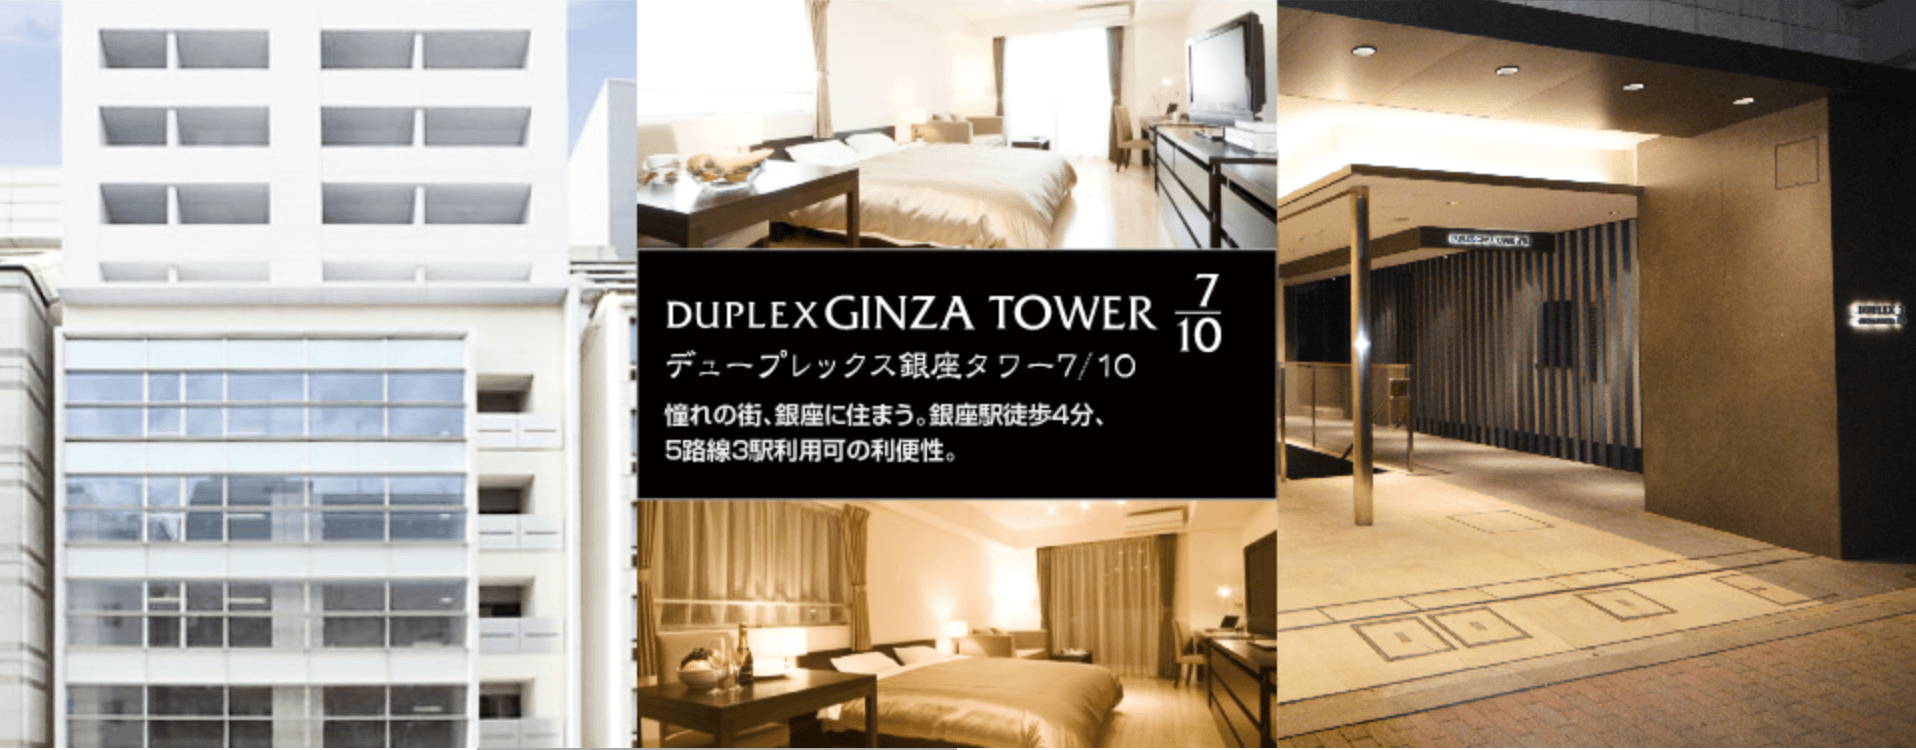 デュープレックス銀座タワー公式HP